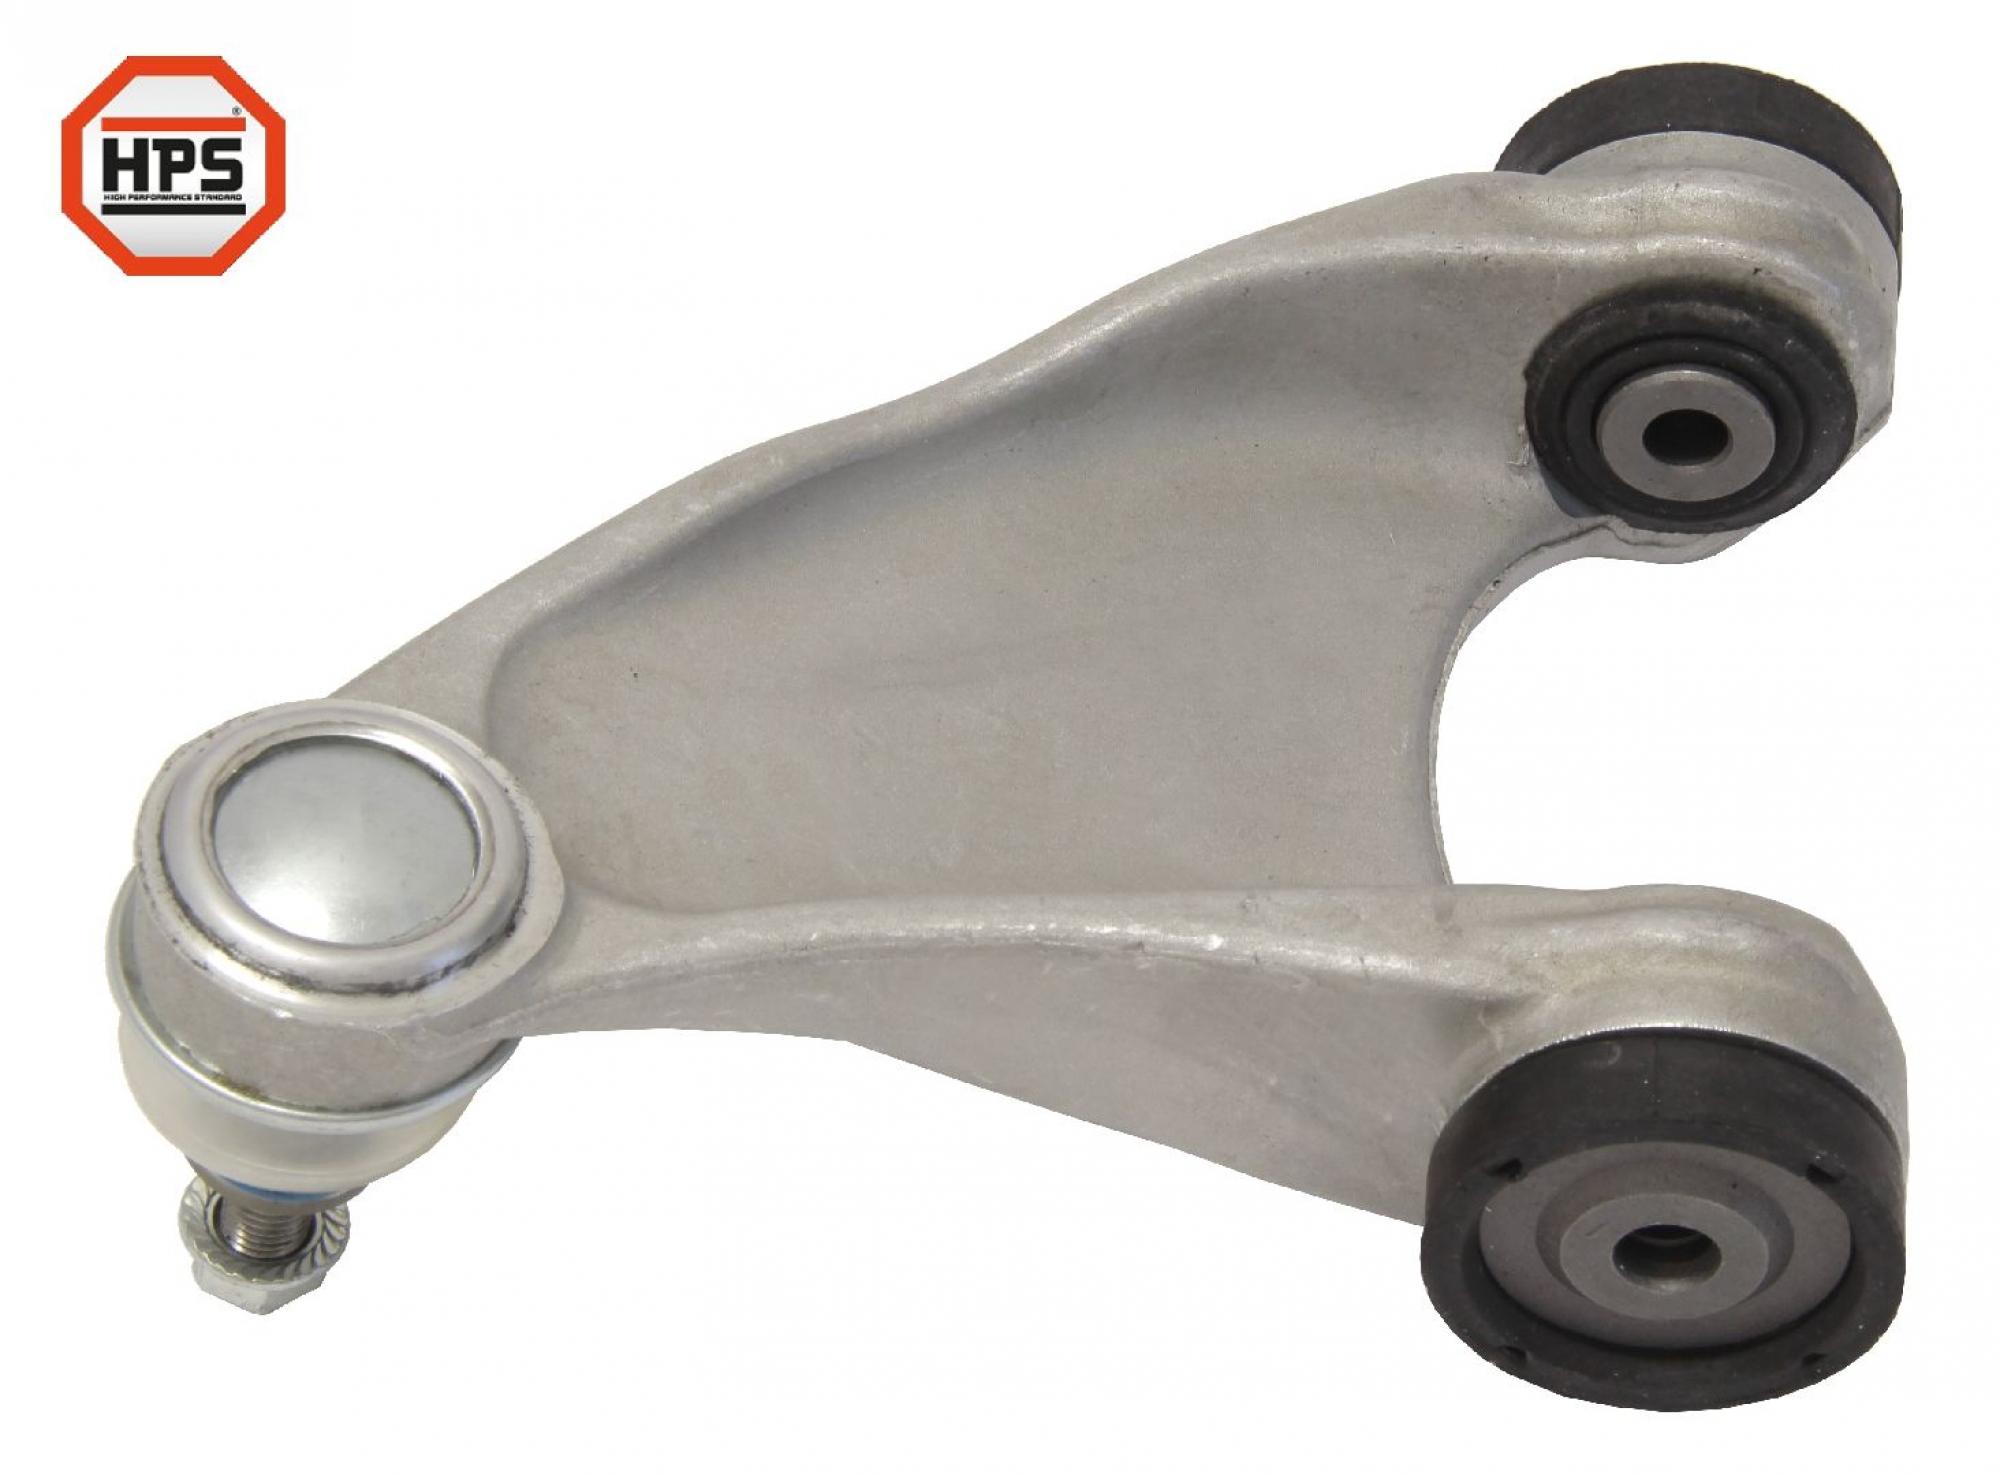 MAPCO 49026HPS Braccio oscillante, Sospensione ruota